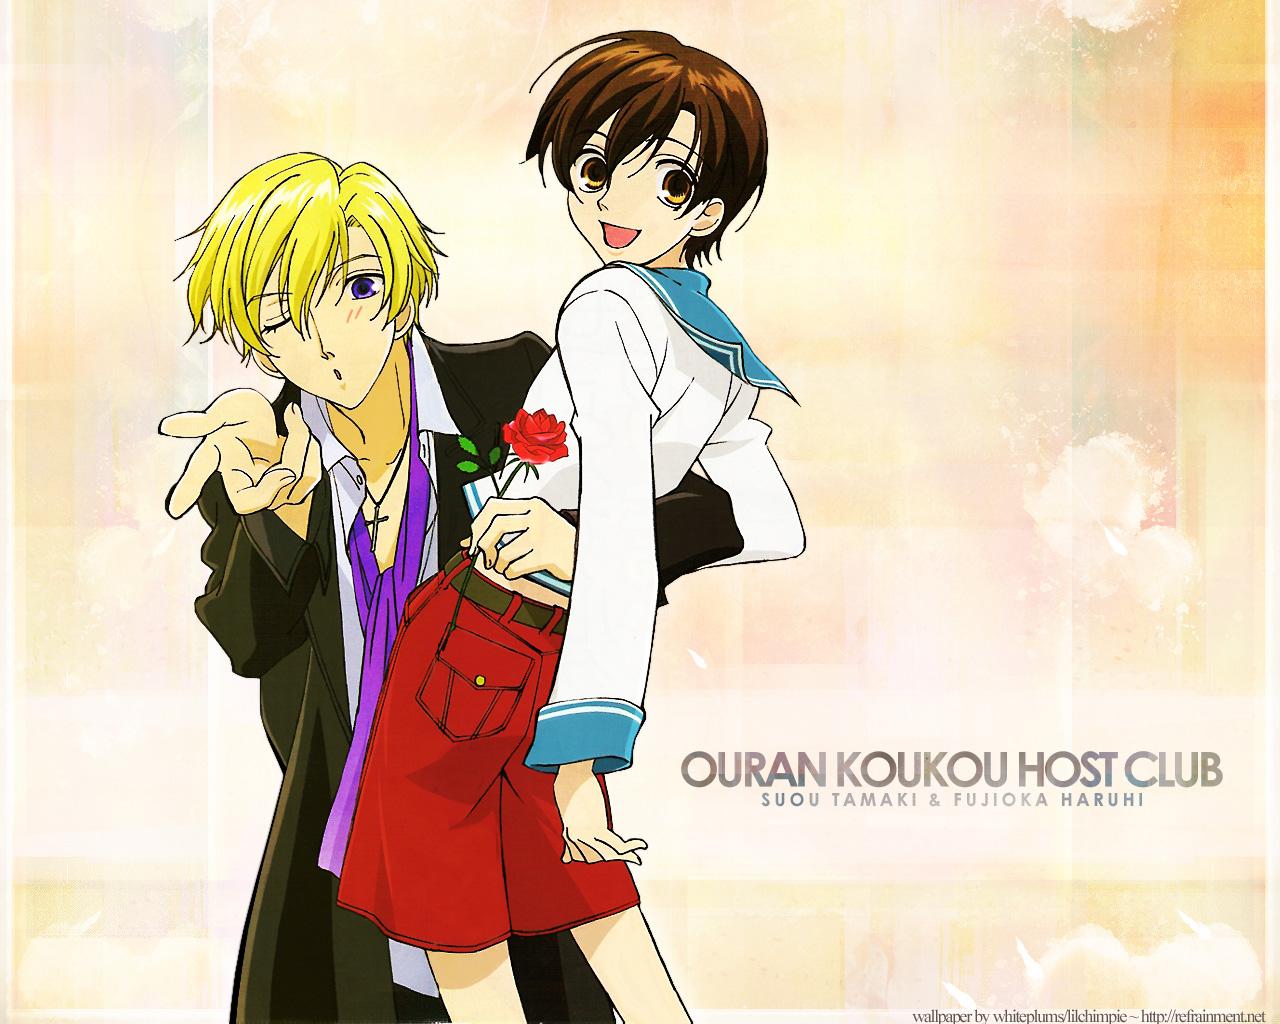 fujioka_haruhi ouran_koukou_host_club suou_tamaki